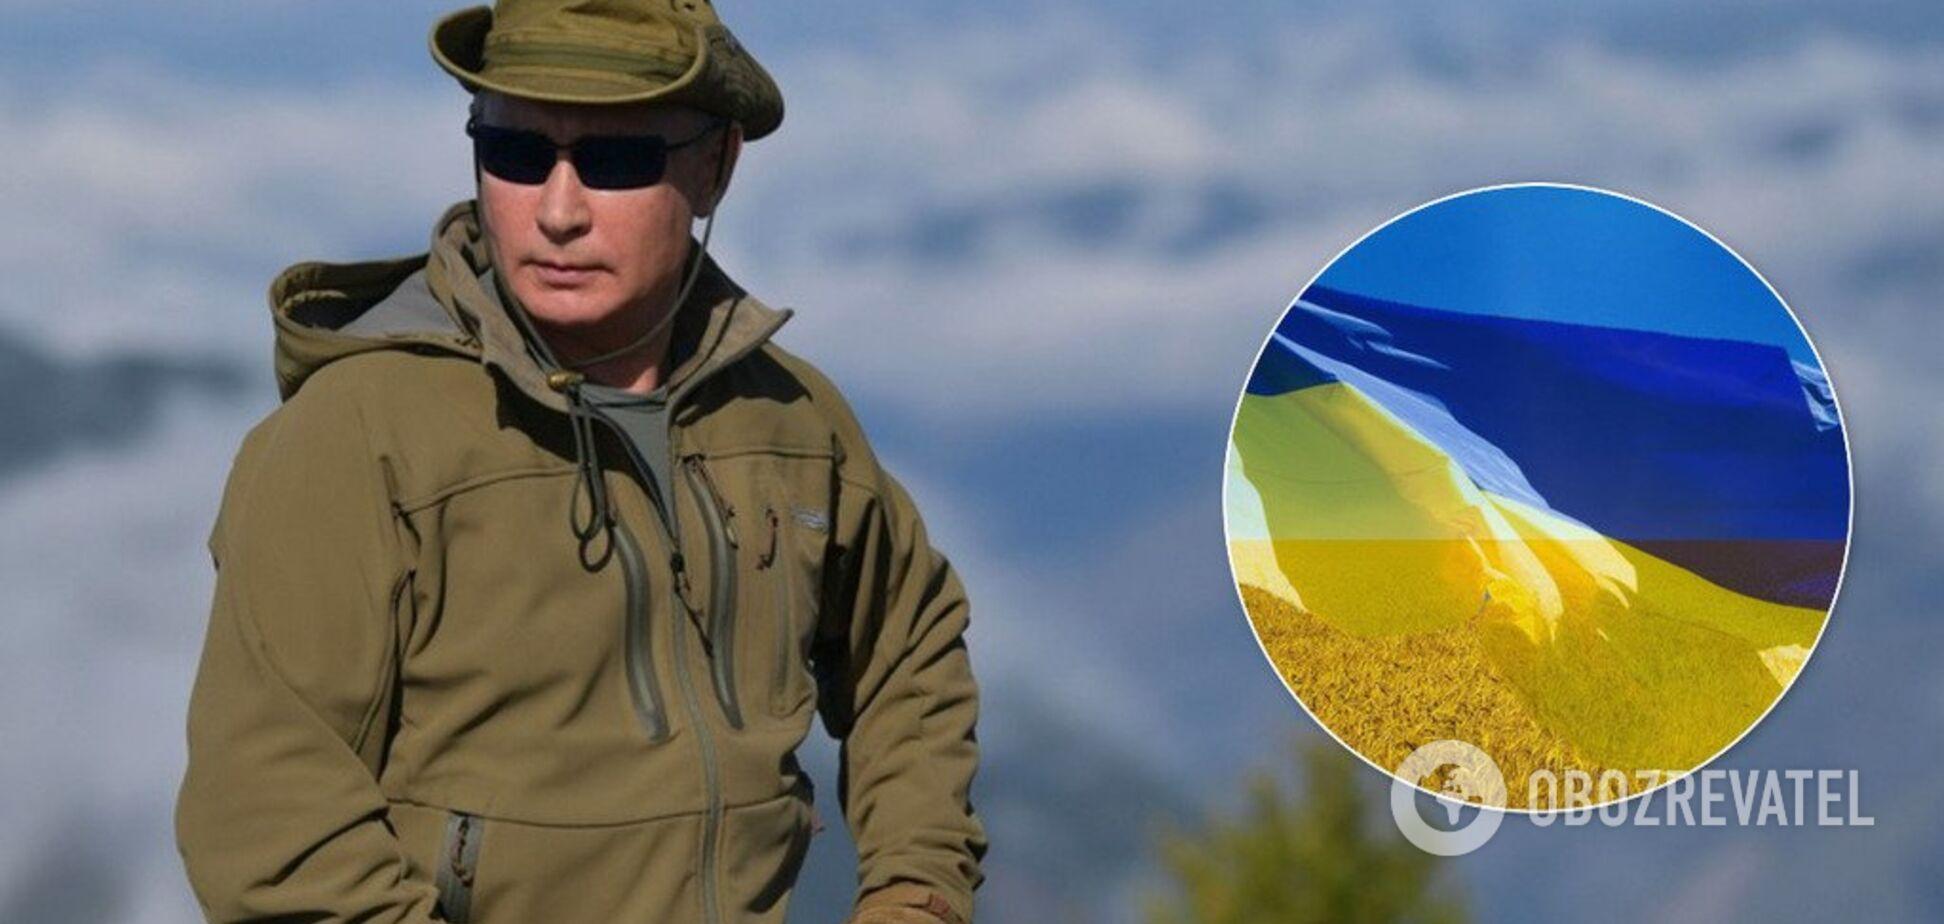 Цель Путина по Украине очень проста: почему он не отступит